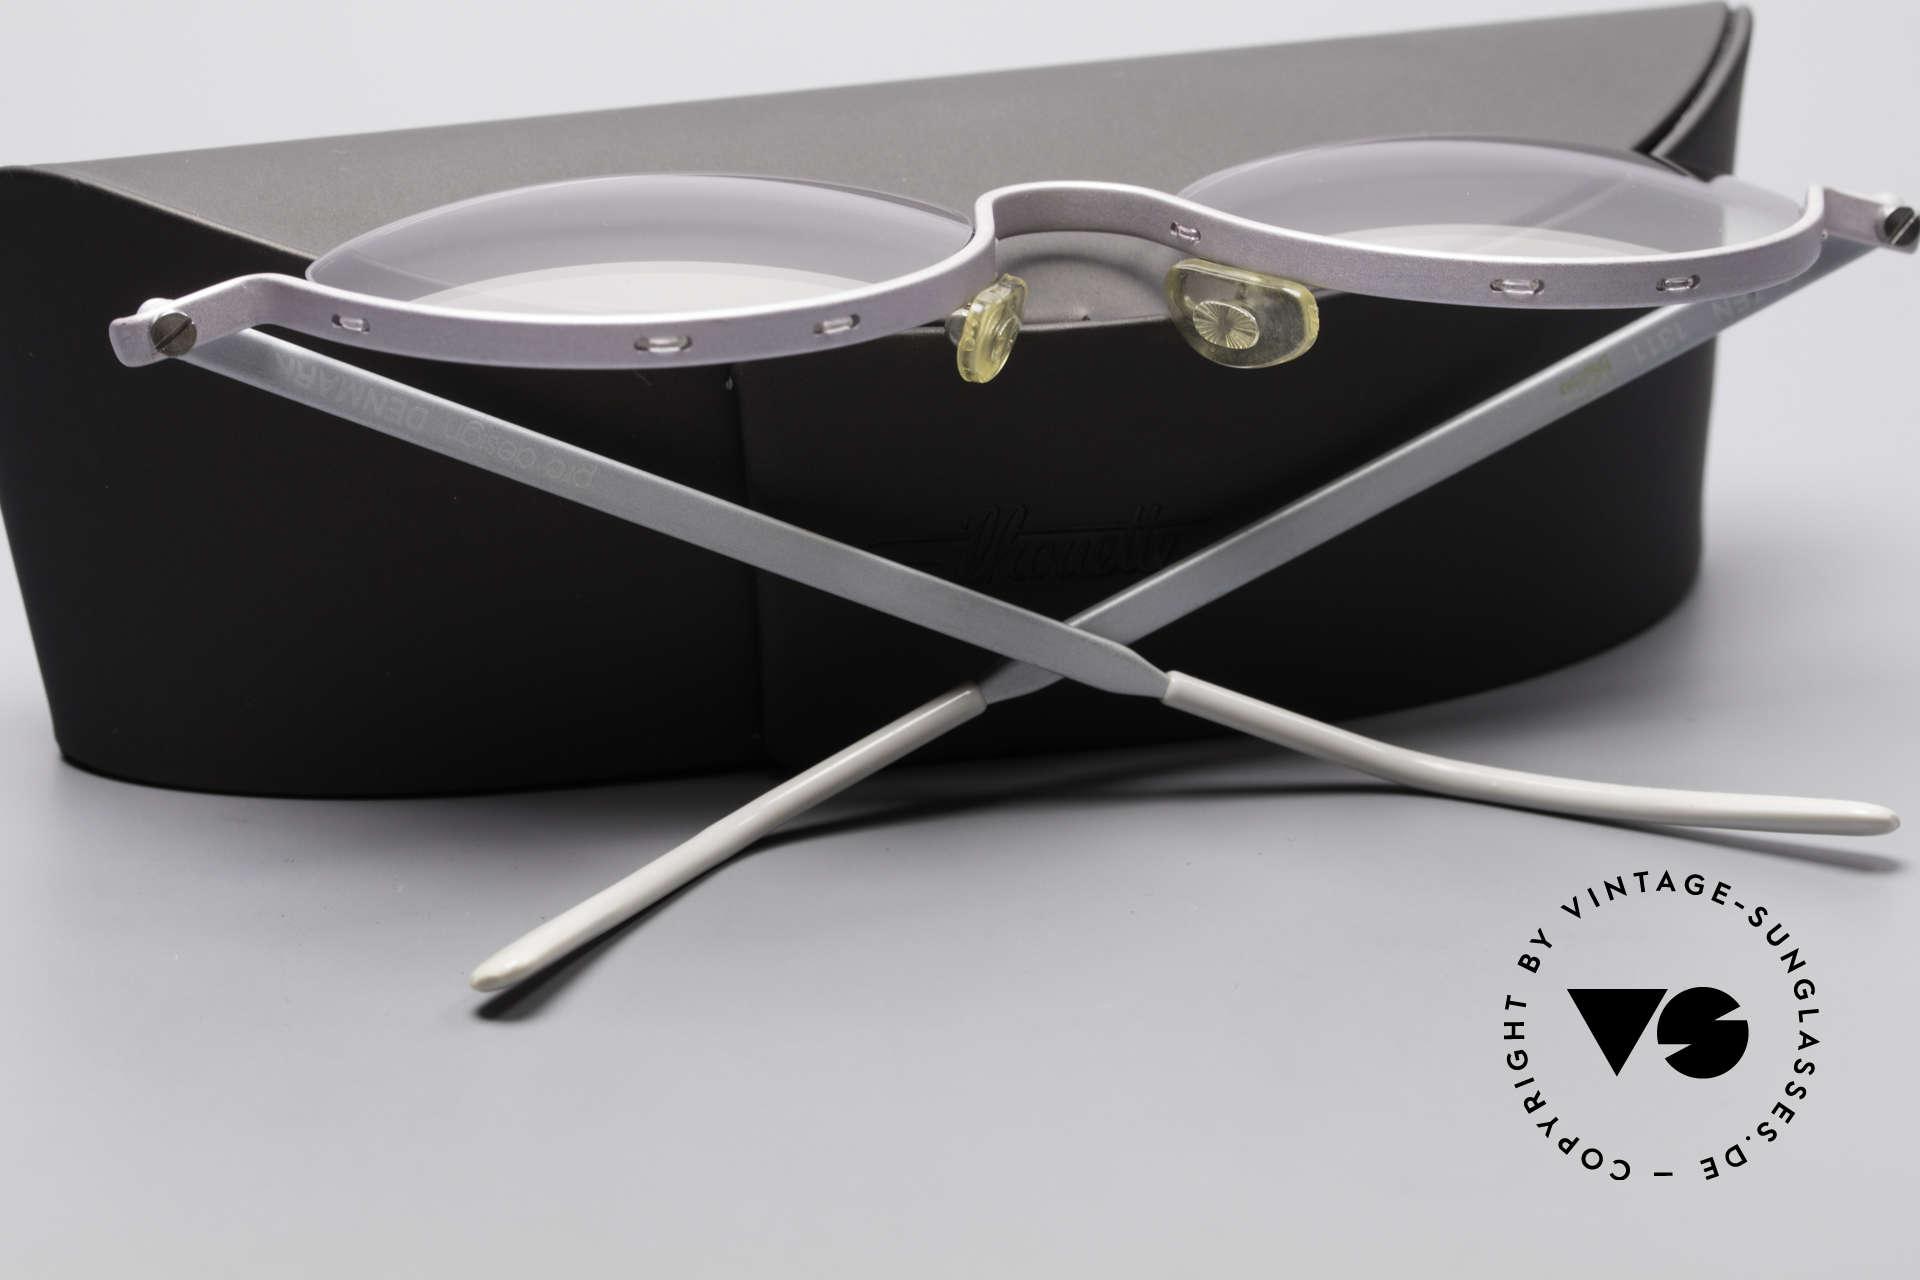 ProDesign No10 Gail Spence Design Brille, Größe: medium, Passend für Damen